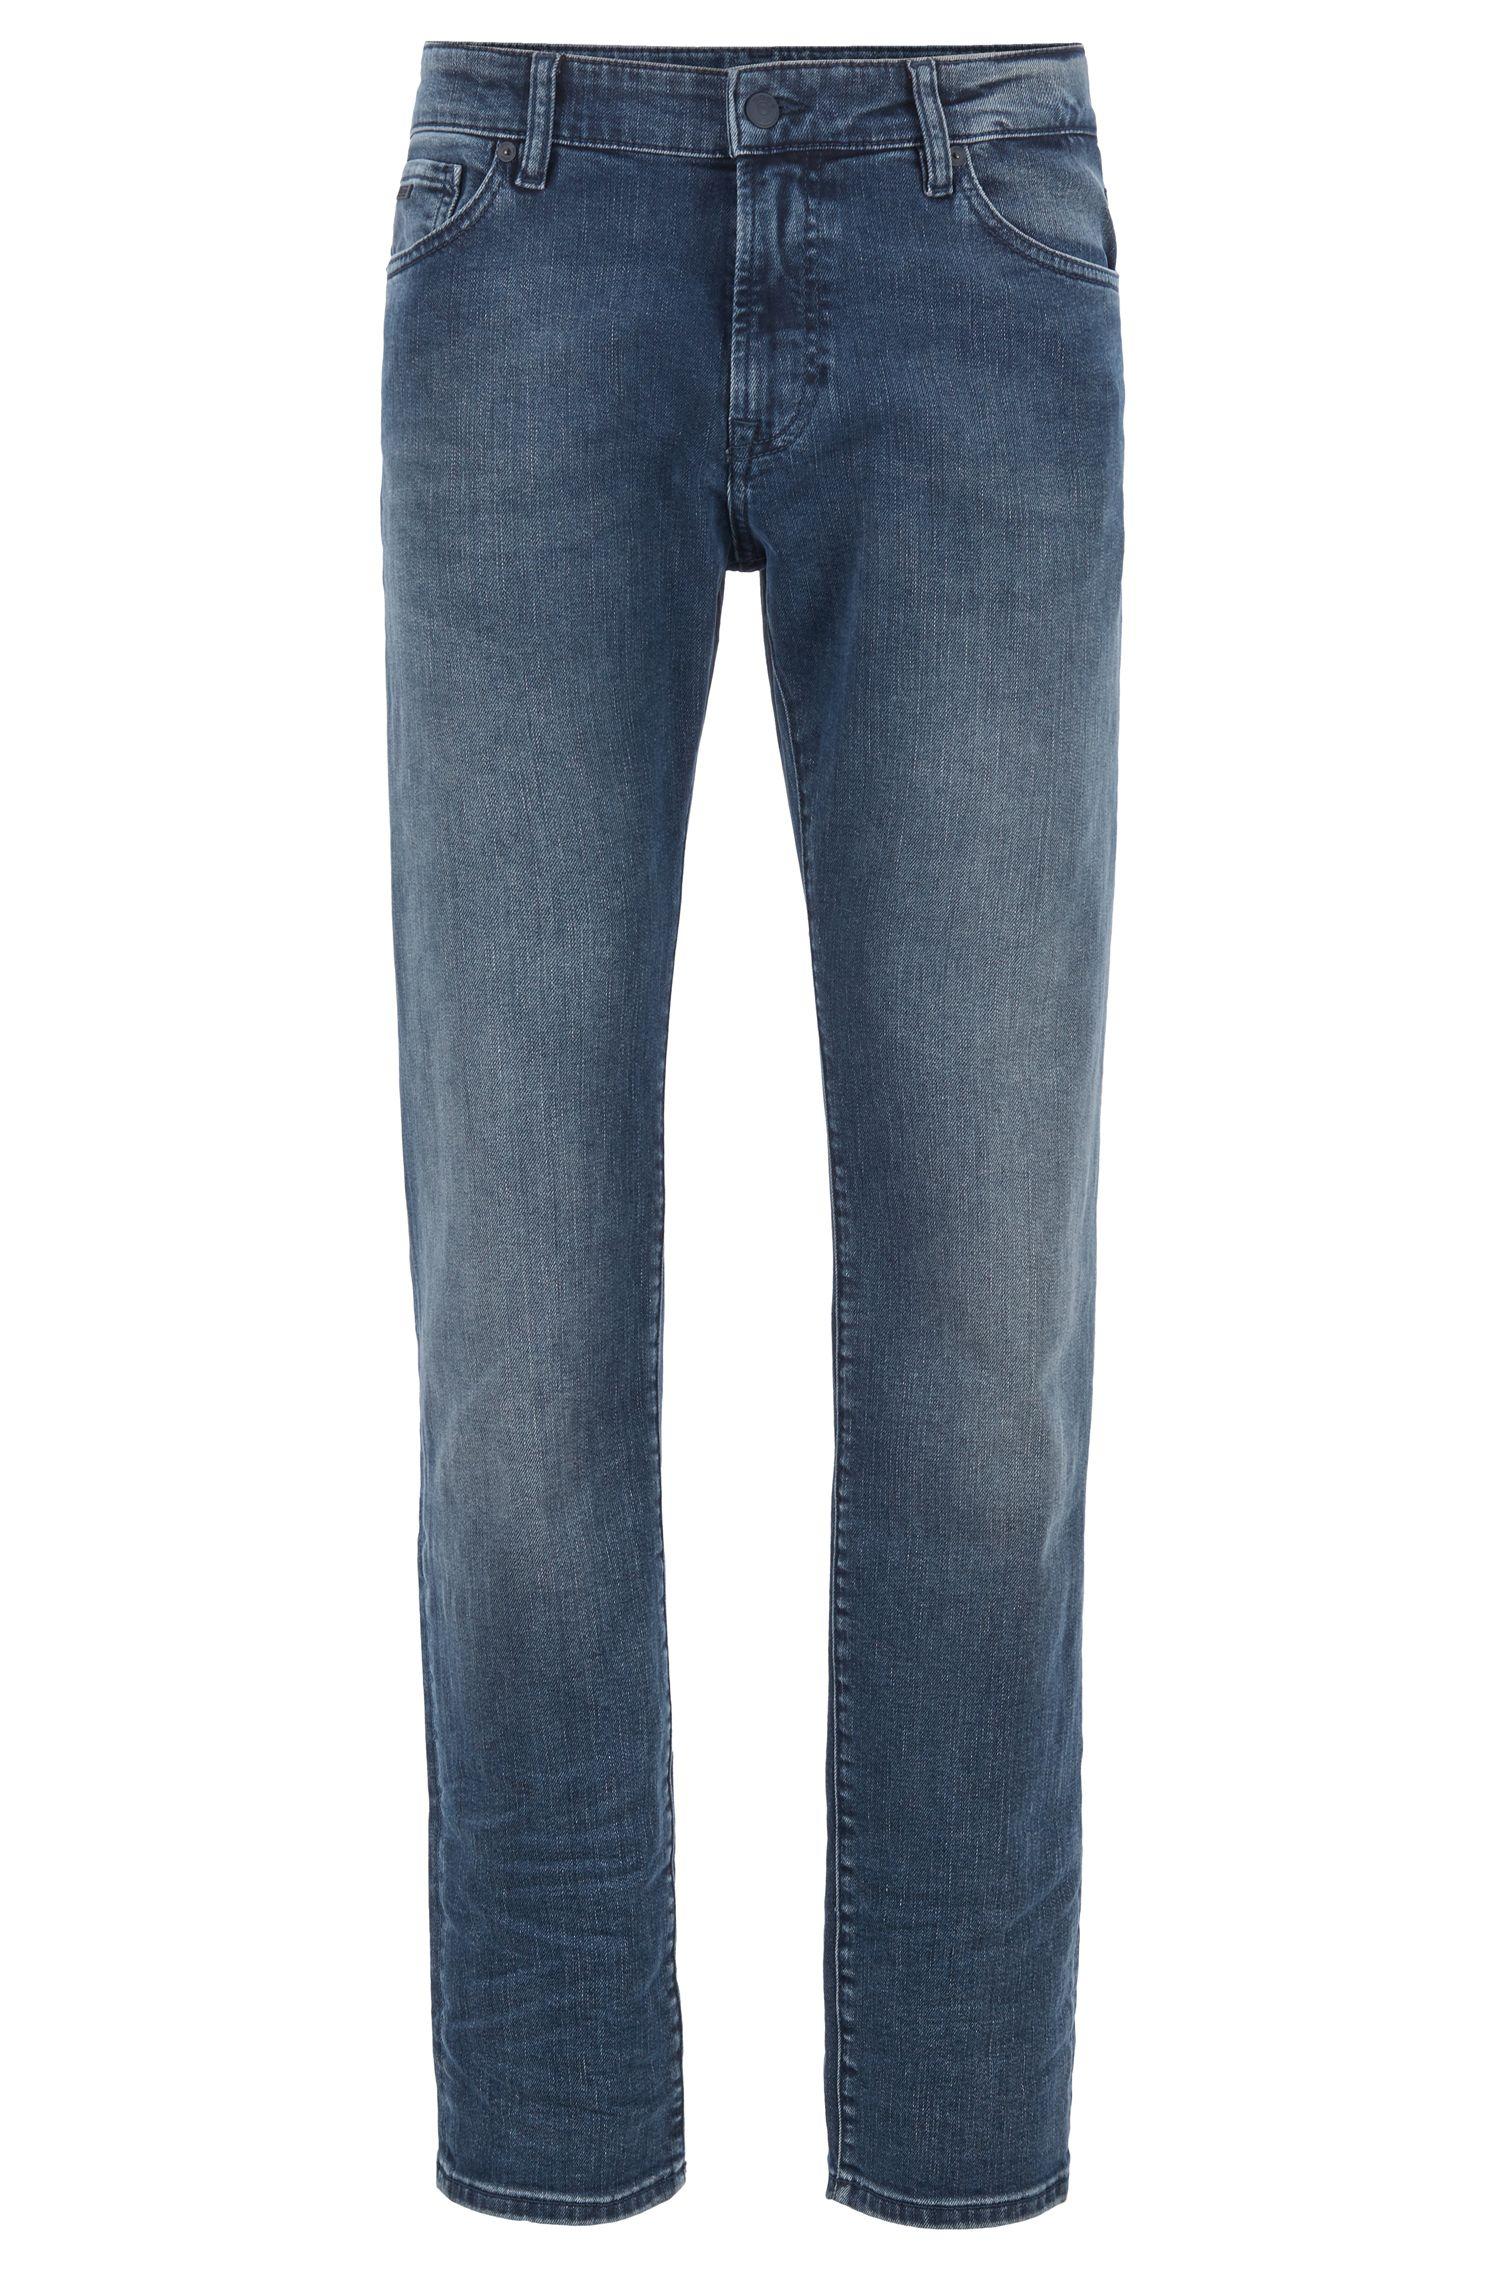 Regular-Fit Jeans aus Stretch-Denim in Used-Optik, Blau